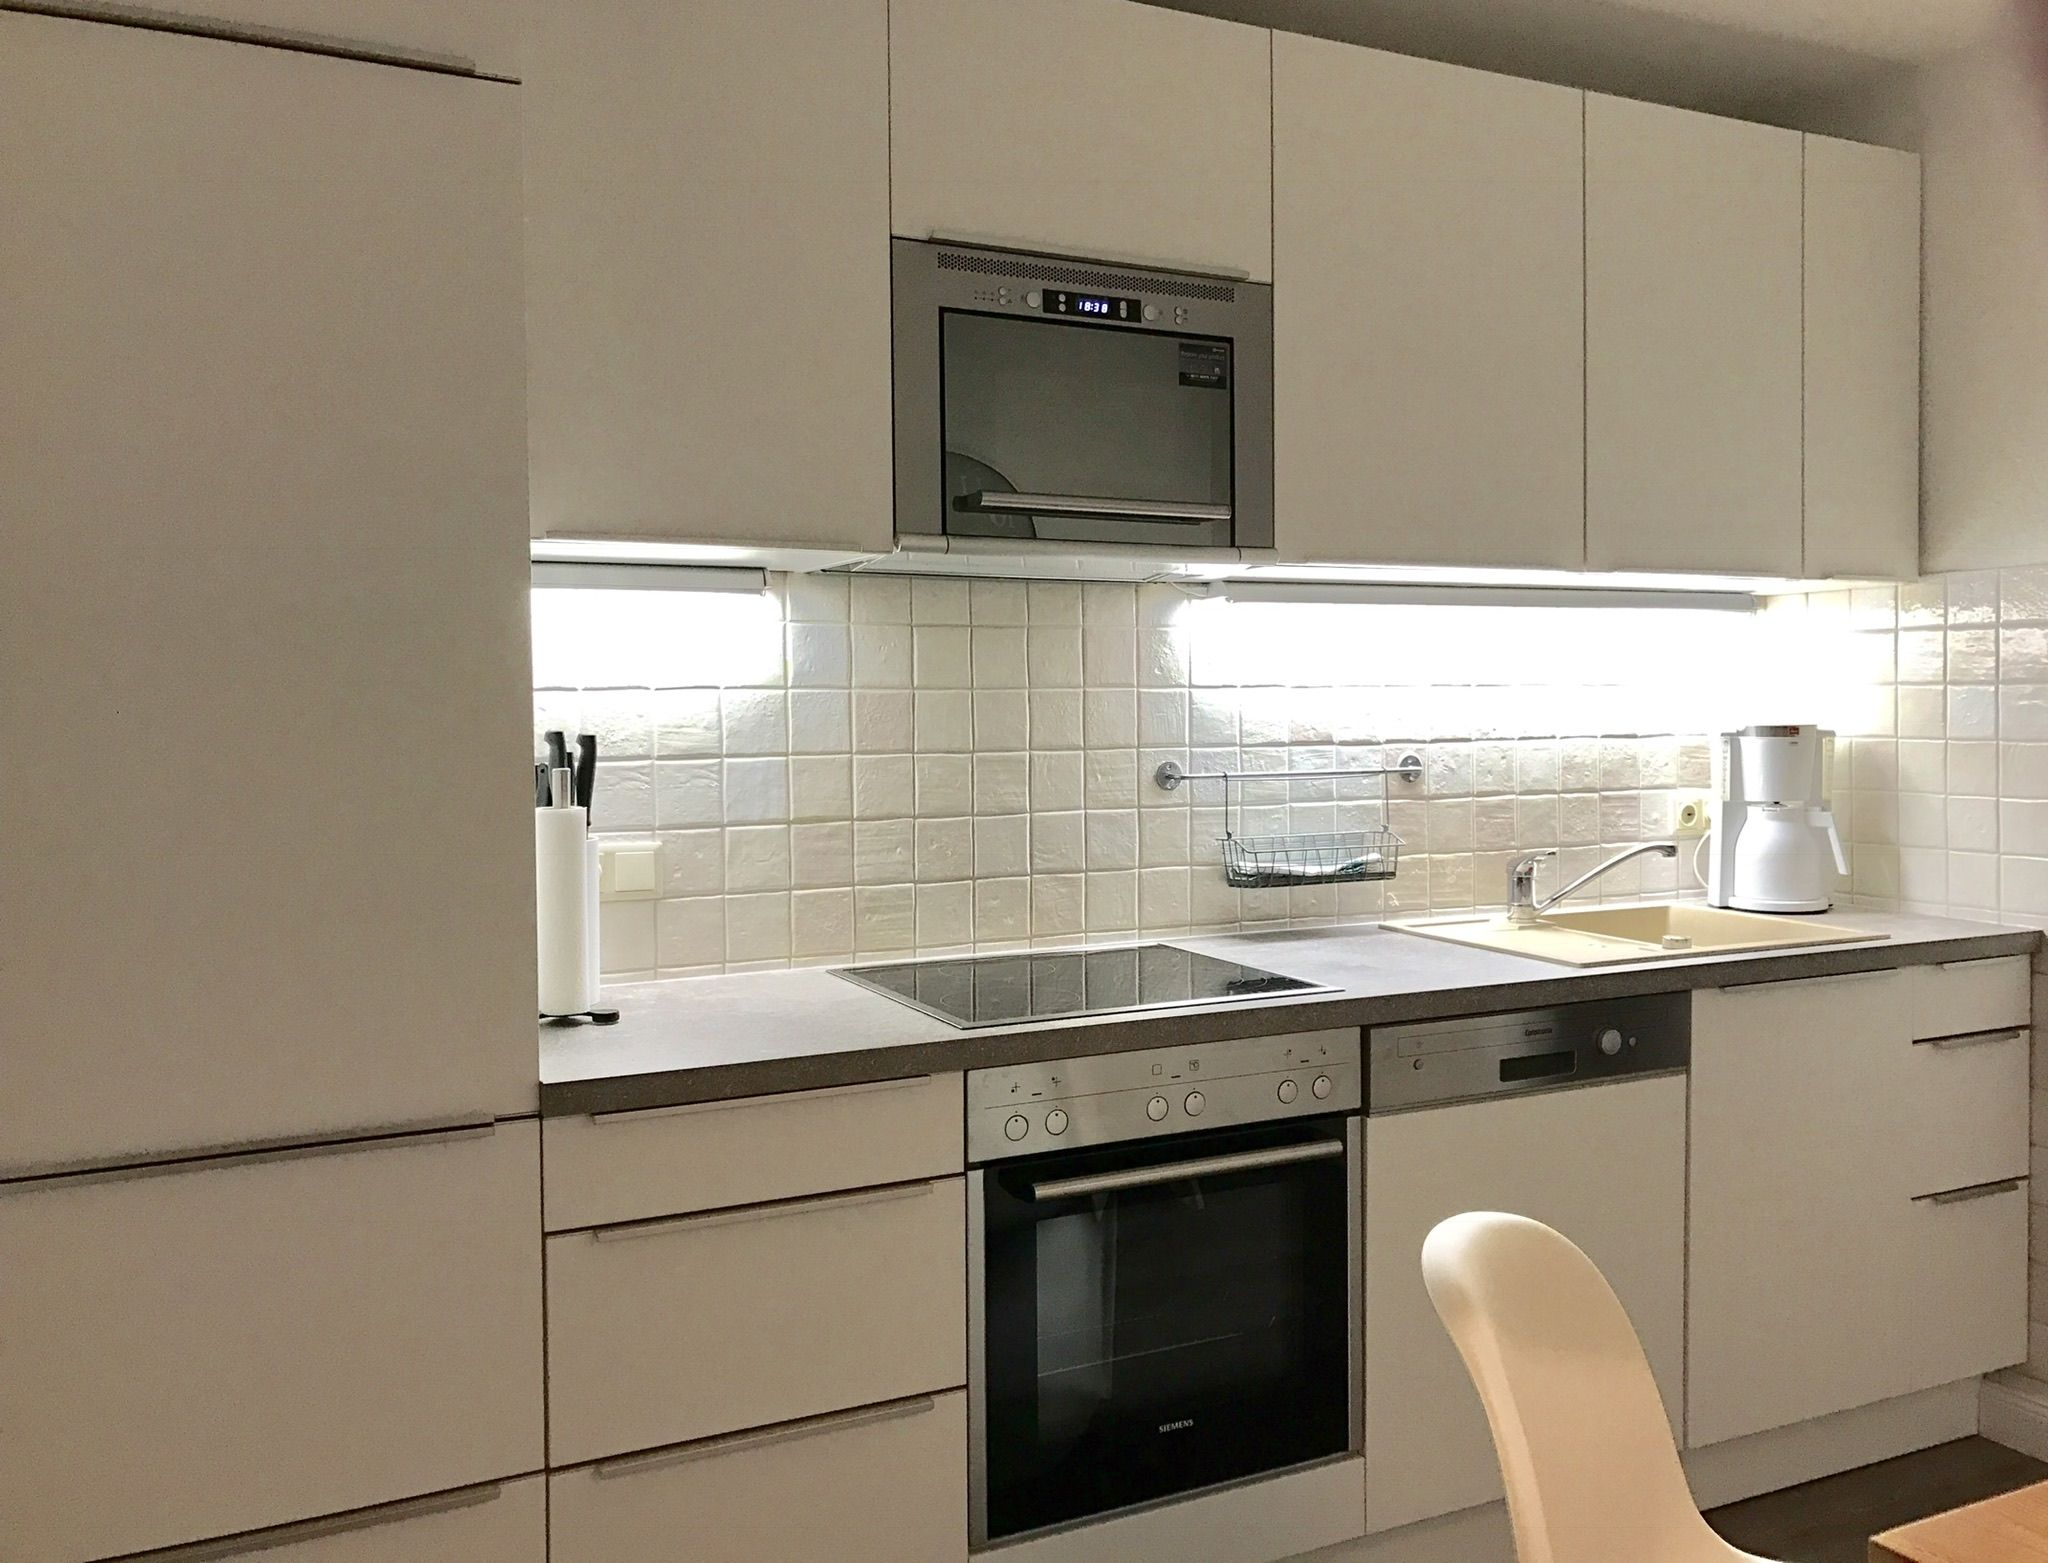 Berühmt Ideen Für Neue Küche Galerie - Ideen Für Die Küche ...